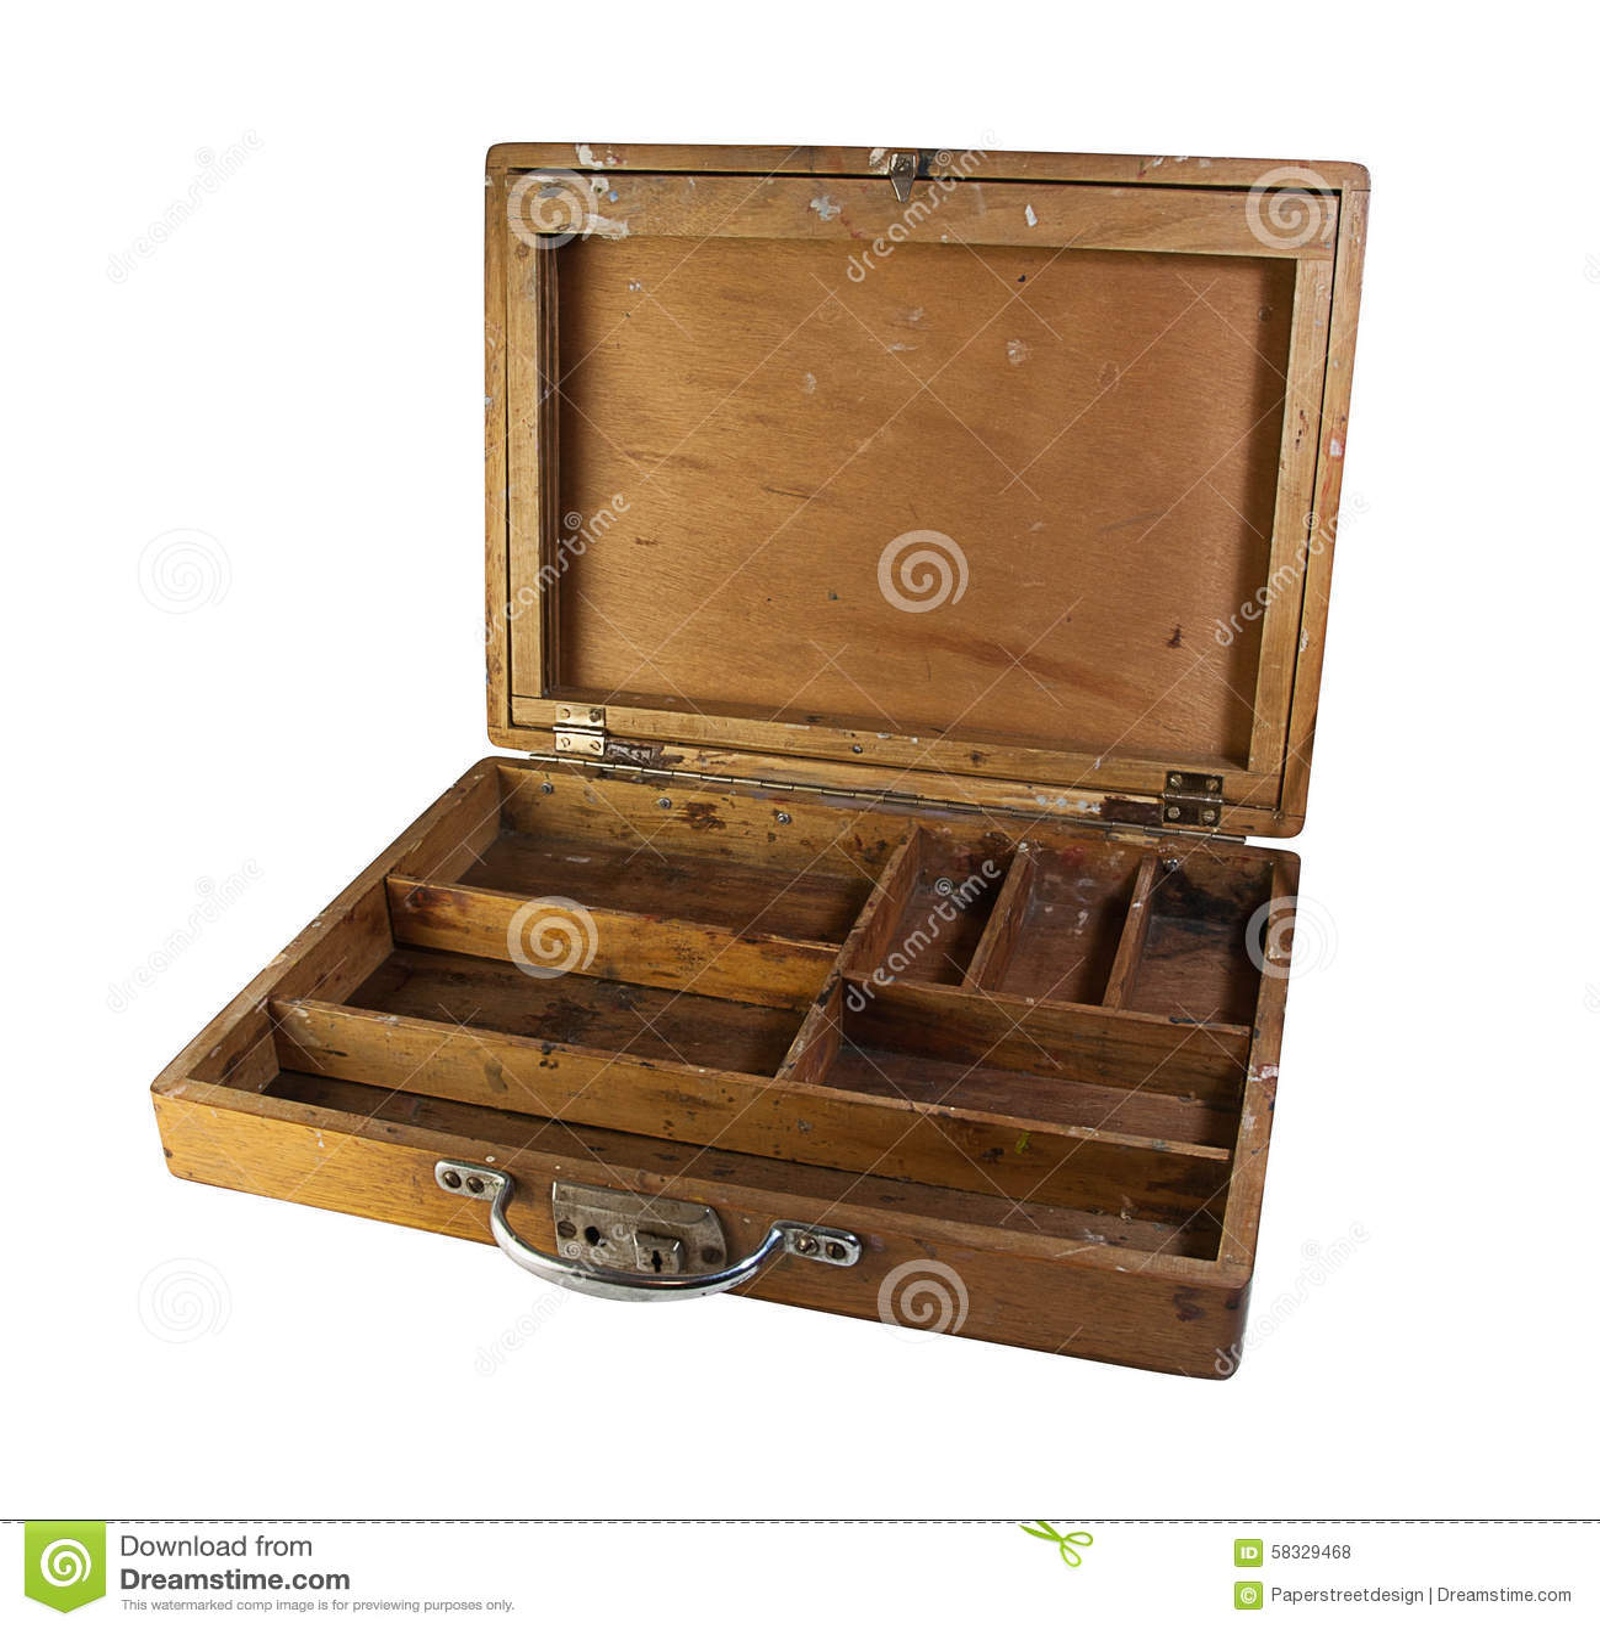 Popular Secret Compartment Boxes  Wooden Boxes With Secret